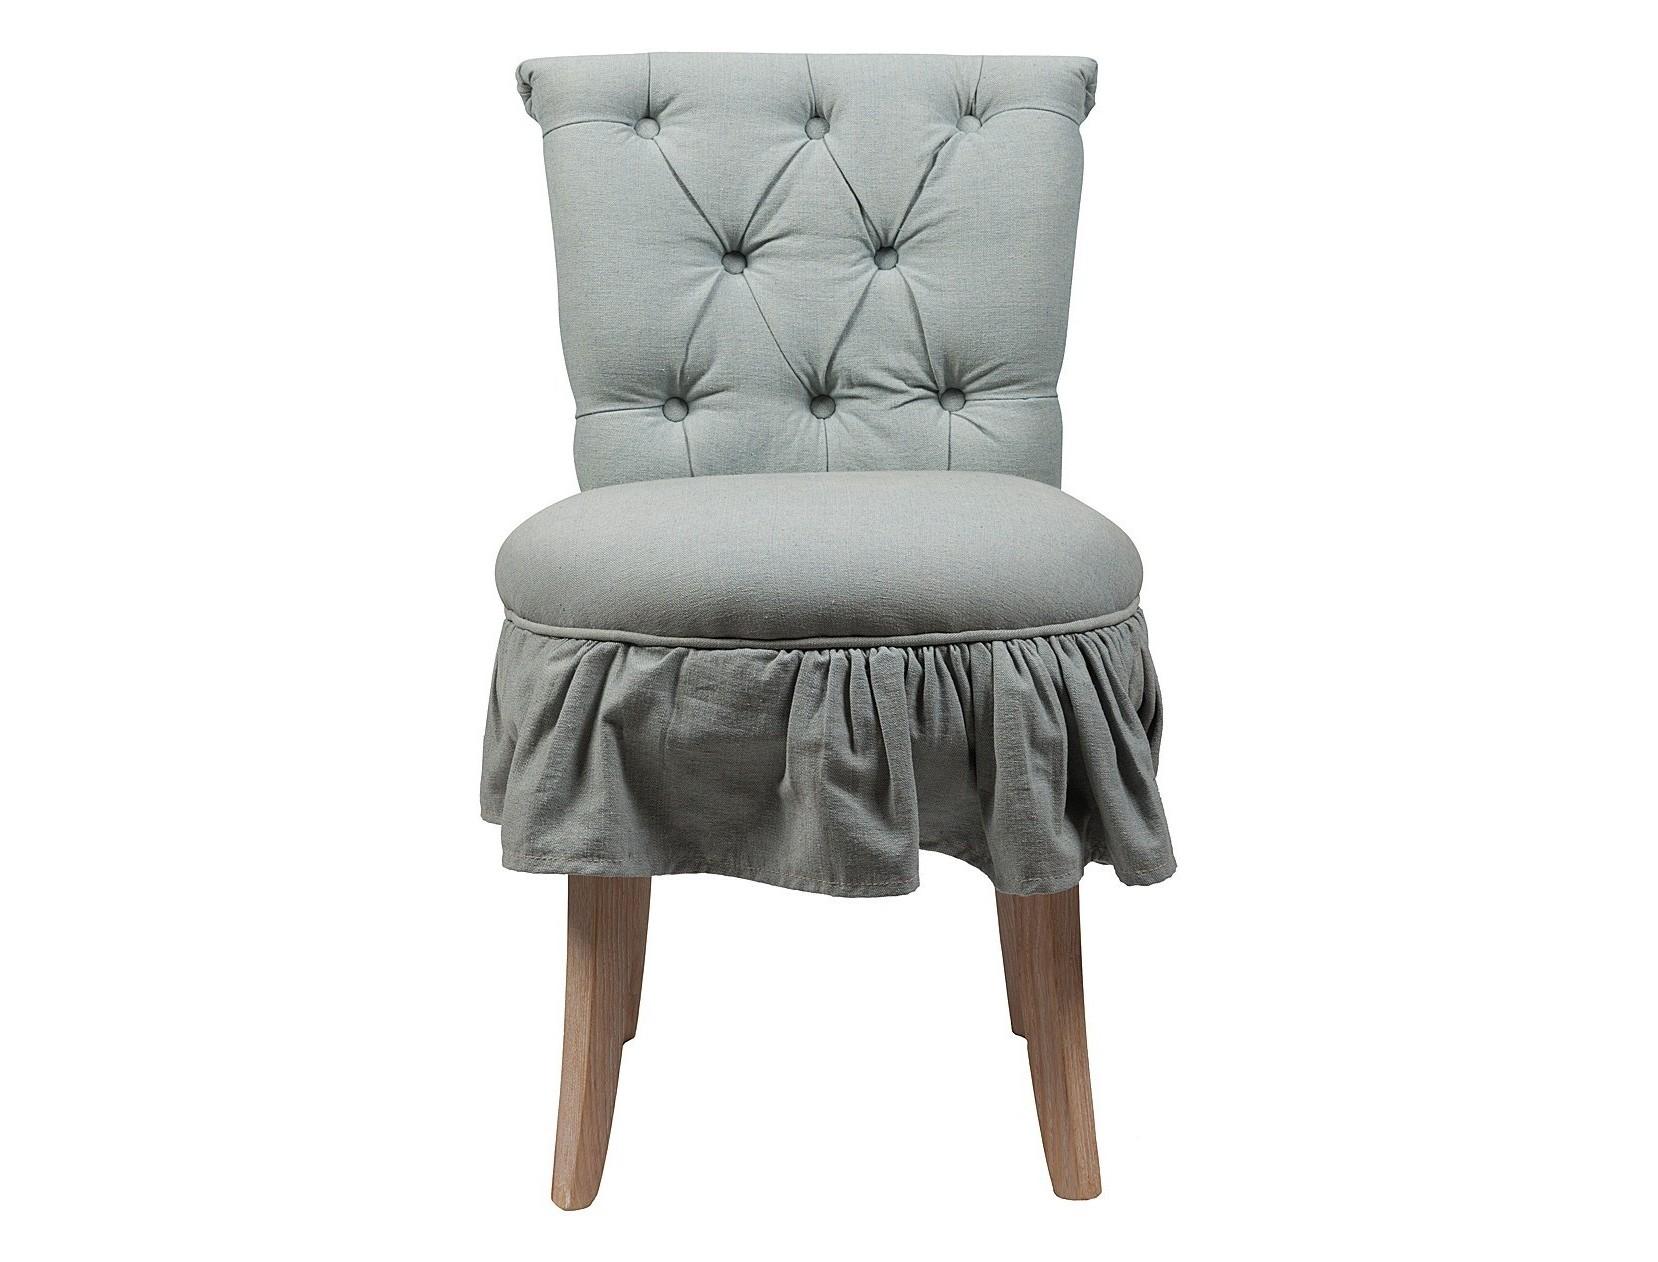 Стул Denim ChambrayОбеденные стулья<br>Эстетически приятный мягкий обеденный стул Denim Chambray в обивке из прочной, простой в уходе, льняной ткани серо-голубого цвета. Высокая, расширяющаяся кверху спинка декорирована обтяжными пуговицами в технике капитоне, основание из твердого дубового дерева со светлыми полированными ножками обеспечит уверенность и прочность. Этот элегантный стул классического дизайна прекрасно впишется в любой стиль вашей столовой, создаст приятную обеденную атмосферу.<br><br>Material: Текстиль<br>Ширина см: 50<br>Высота см: 84<br>Глубина см: 62